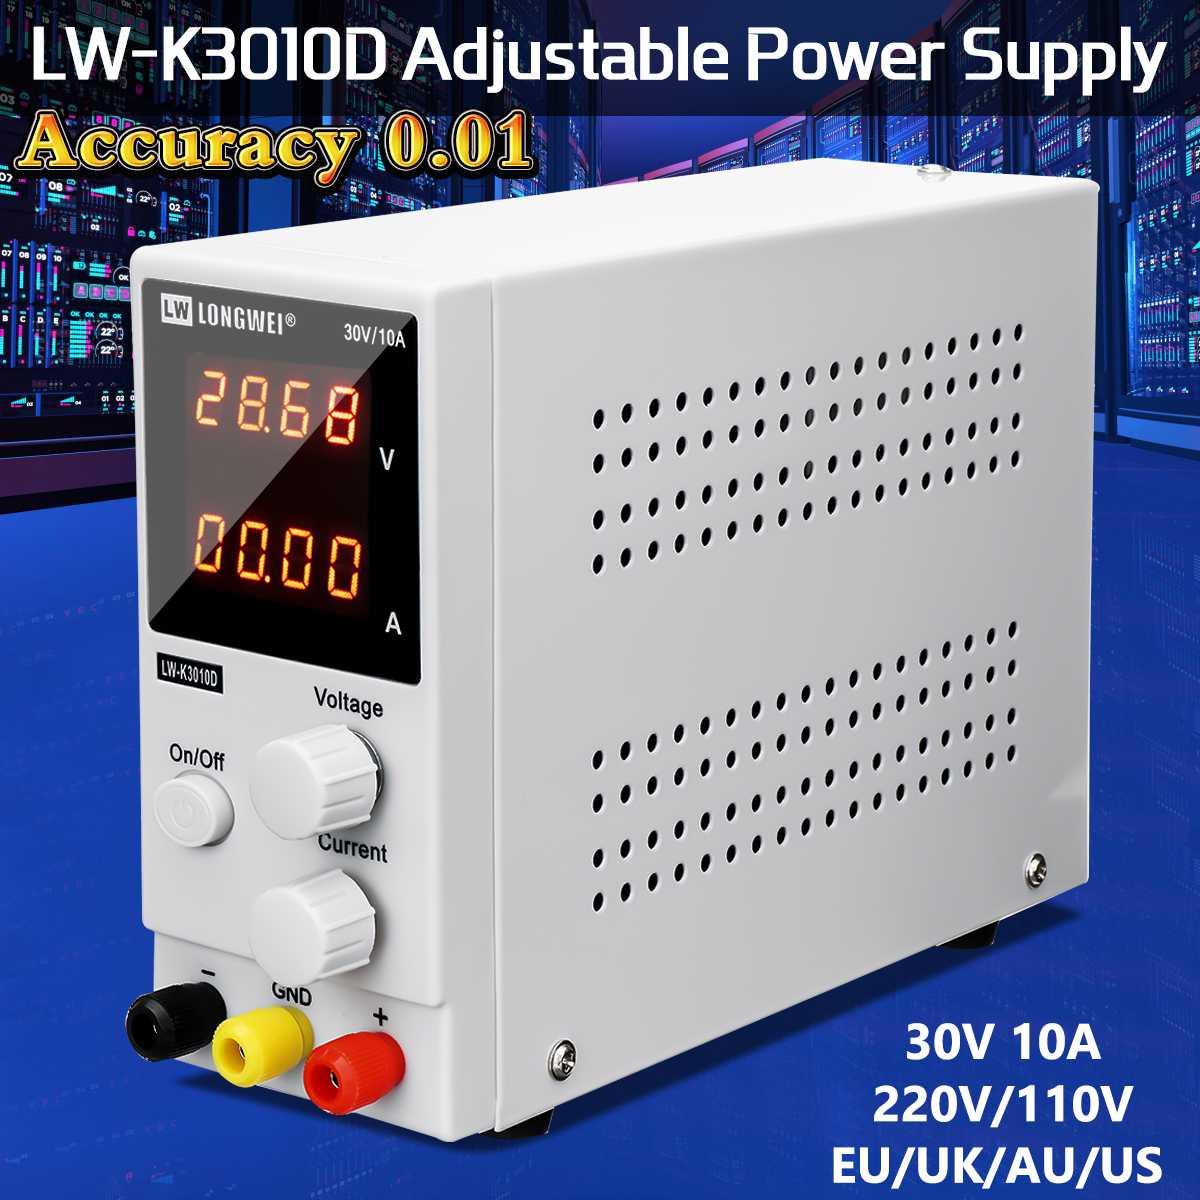 30 V 10A LED affichage réglable régulateur de commutation DC alimentation ordinateur portable réparation réparation 110 V/220 V précision 0.01 double écran LCD